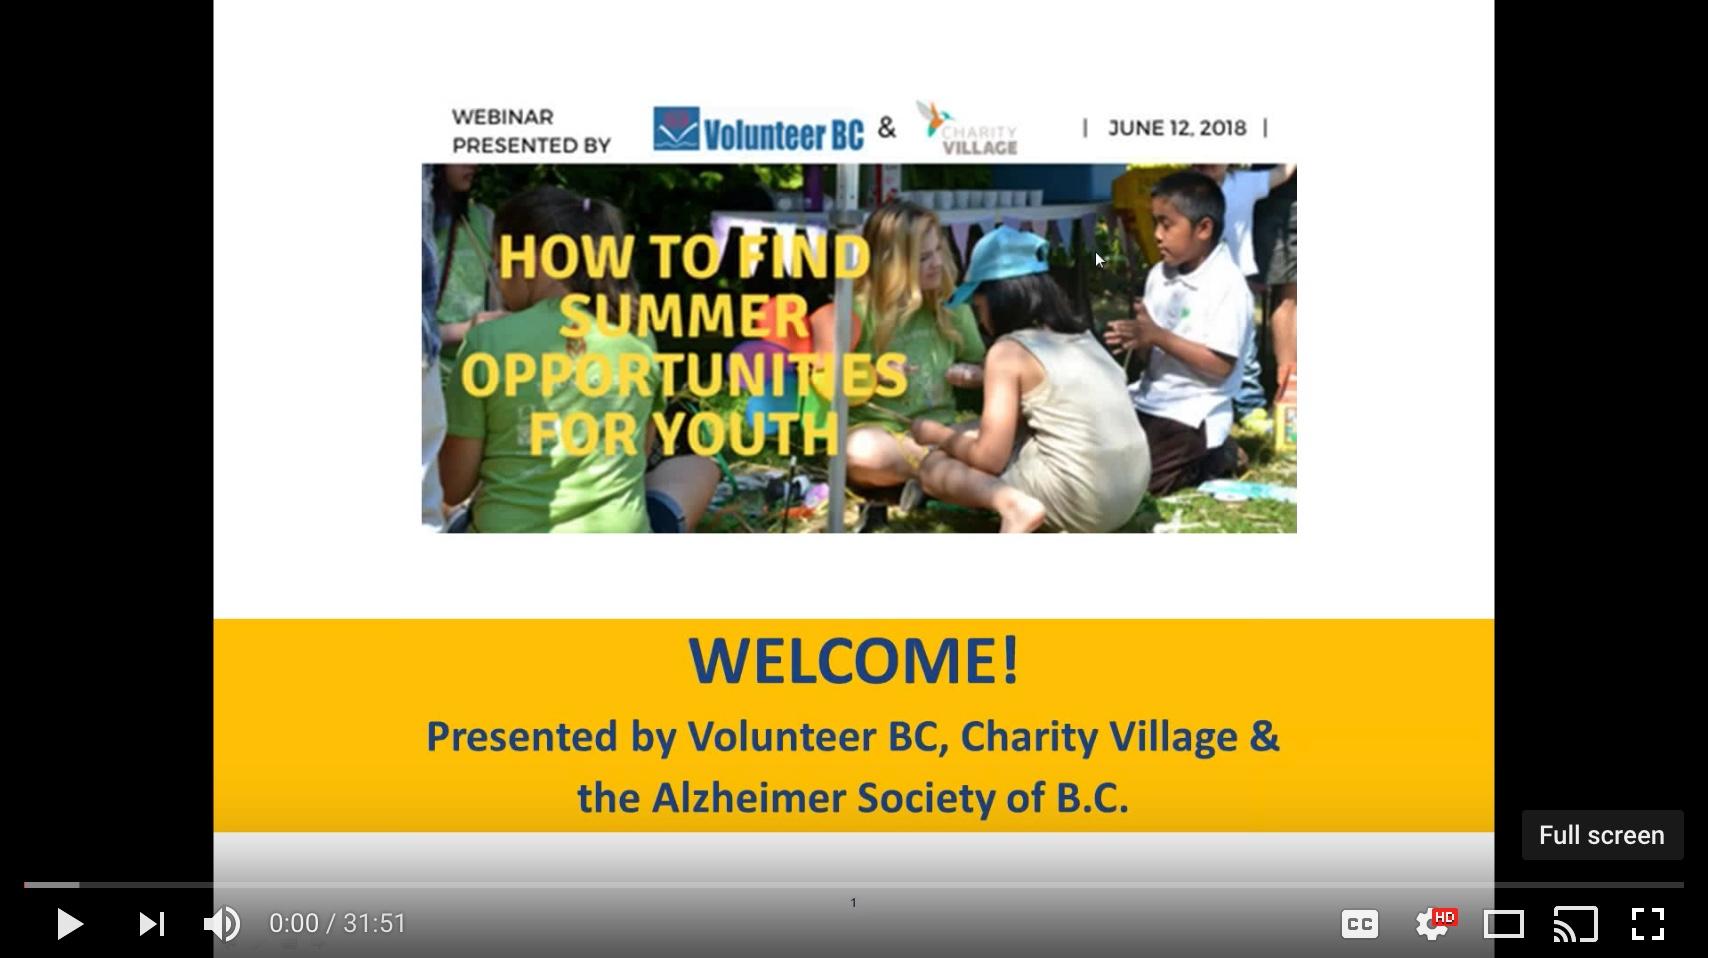 Youtube - How to Find Summer Volunteer Opportunities